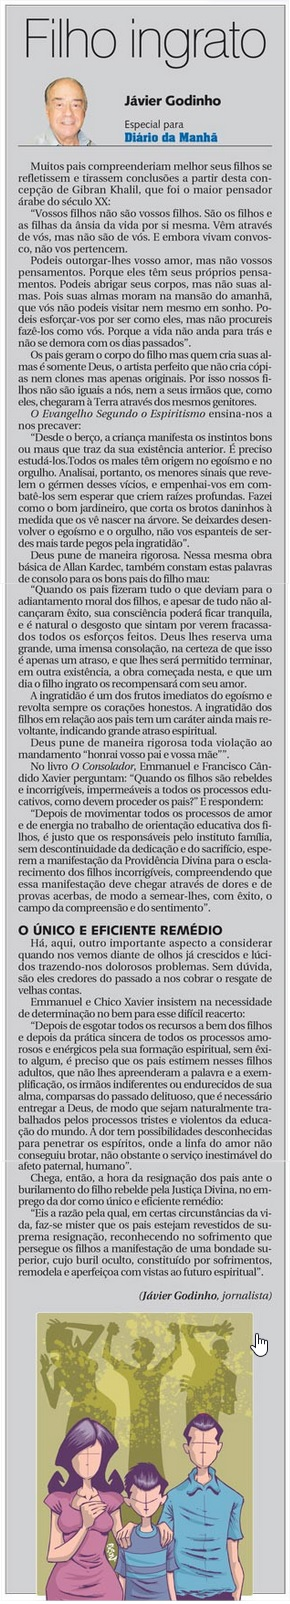 DM 20-05-2015 - Filho ingrato - Jávier Godinho